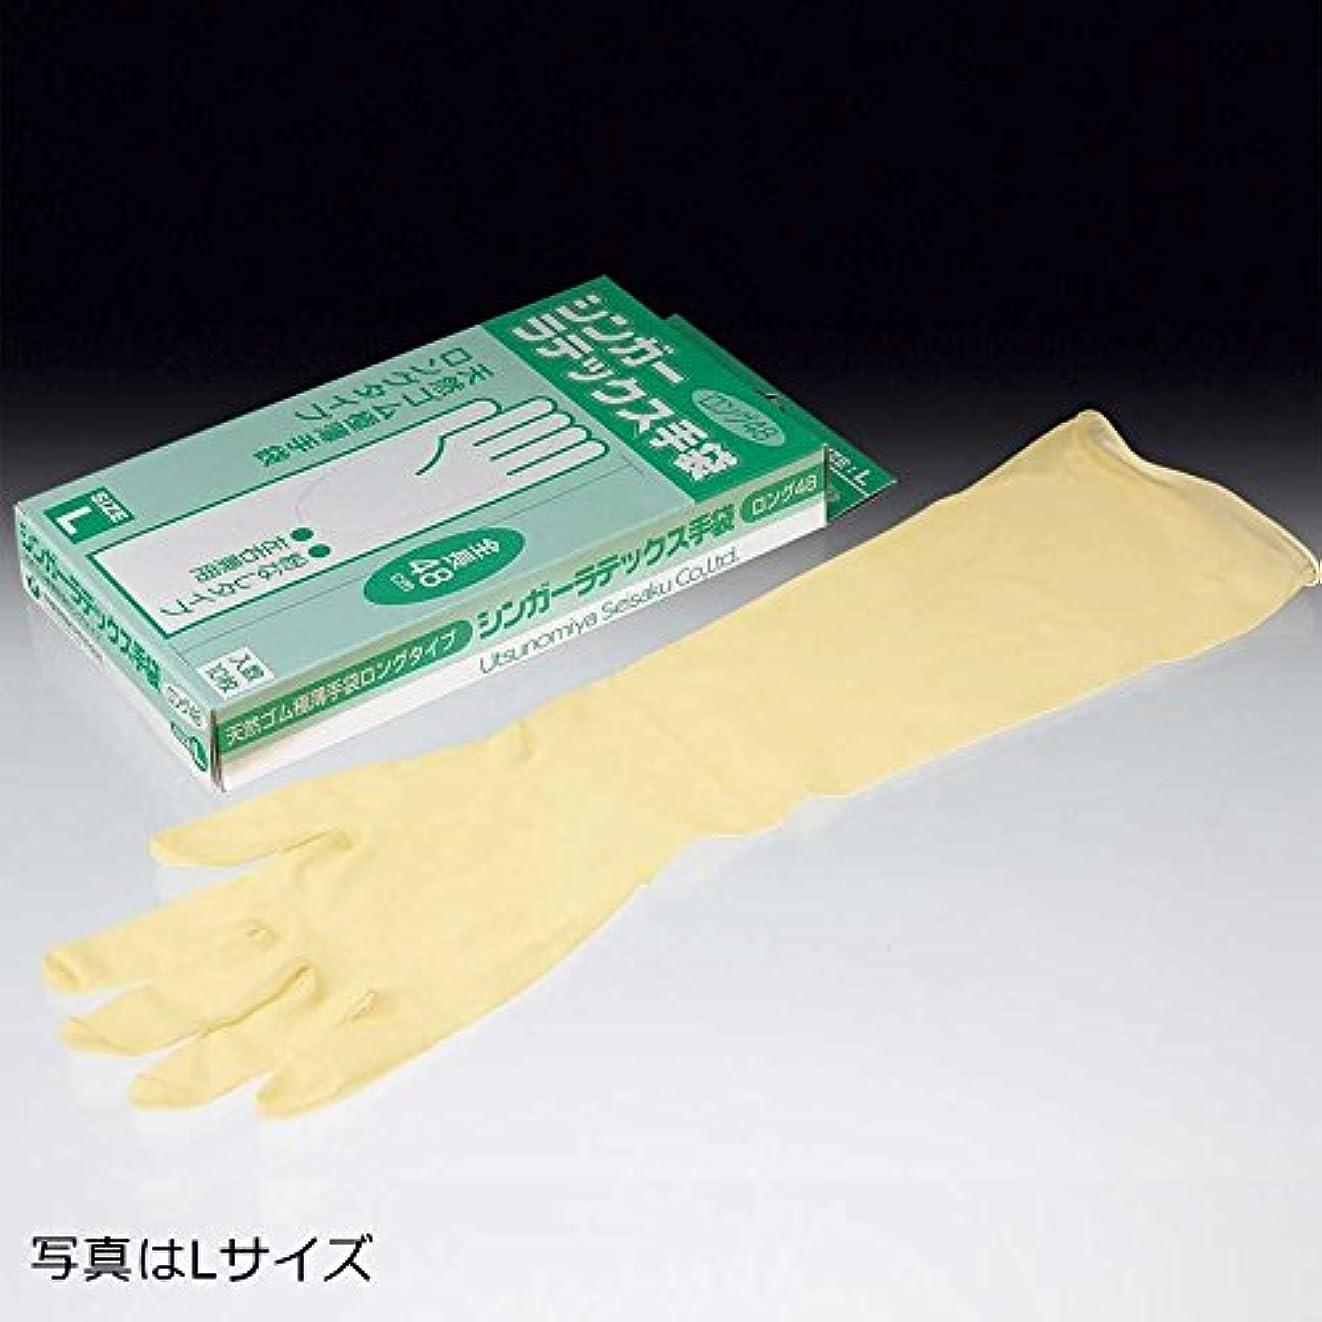 ガジュマル保存セクタシンガーラテックス手袋ロング48 使い捨て手袋 粉なし全長48cm200枚(10枚入り20箱) (M)